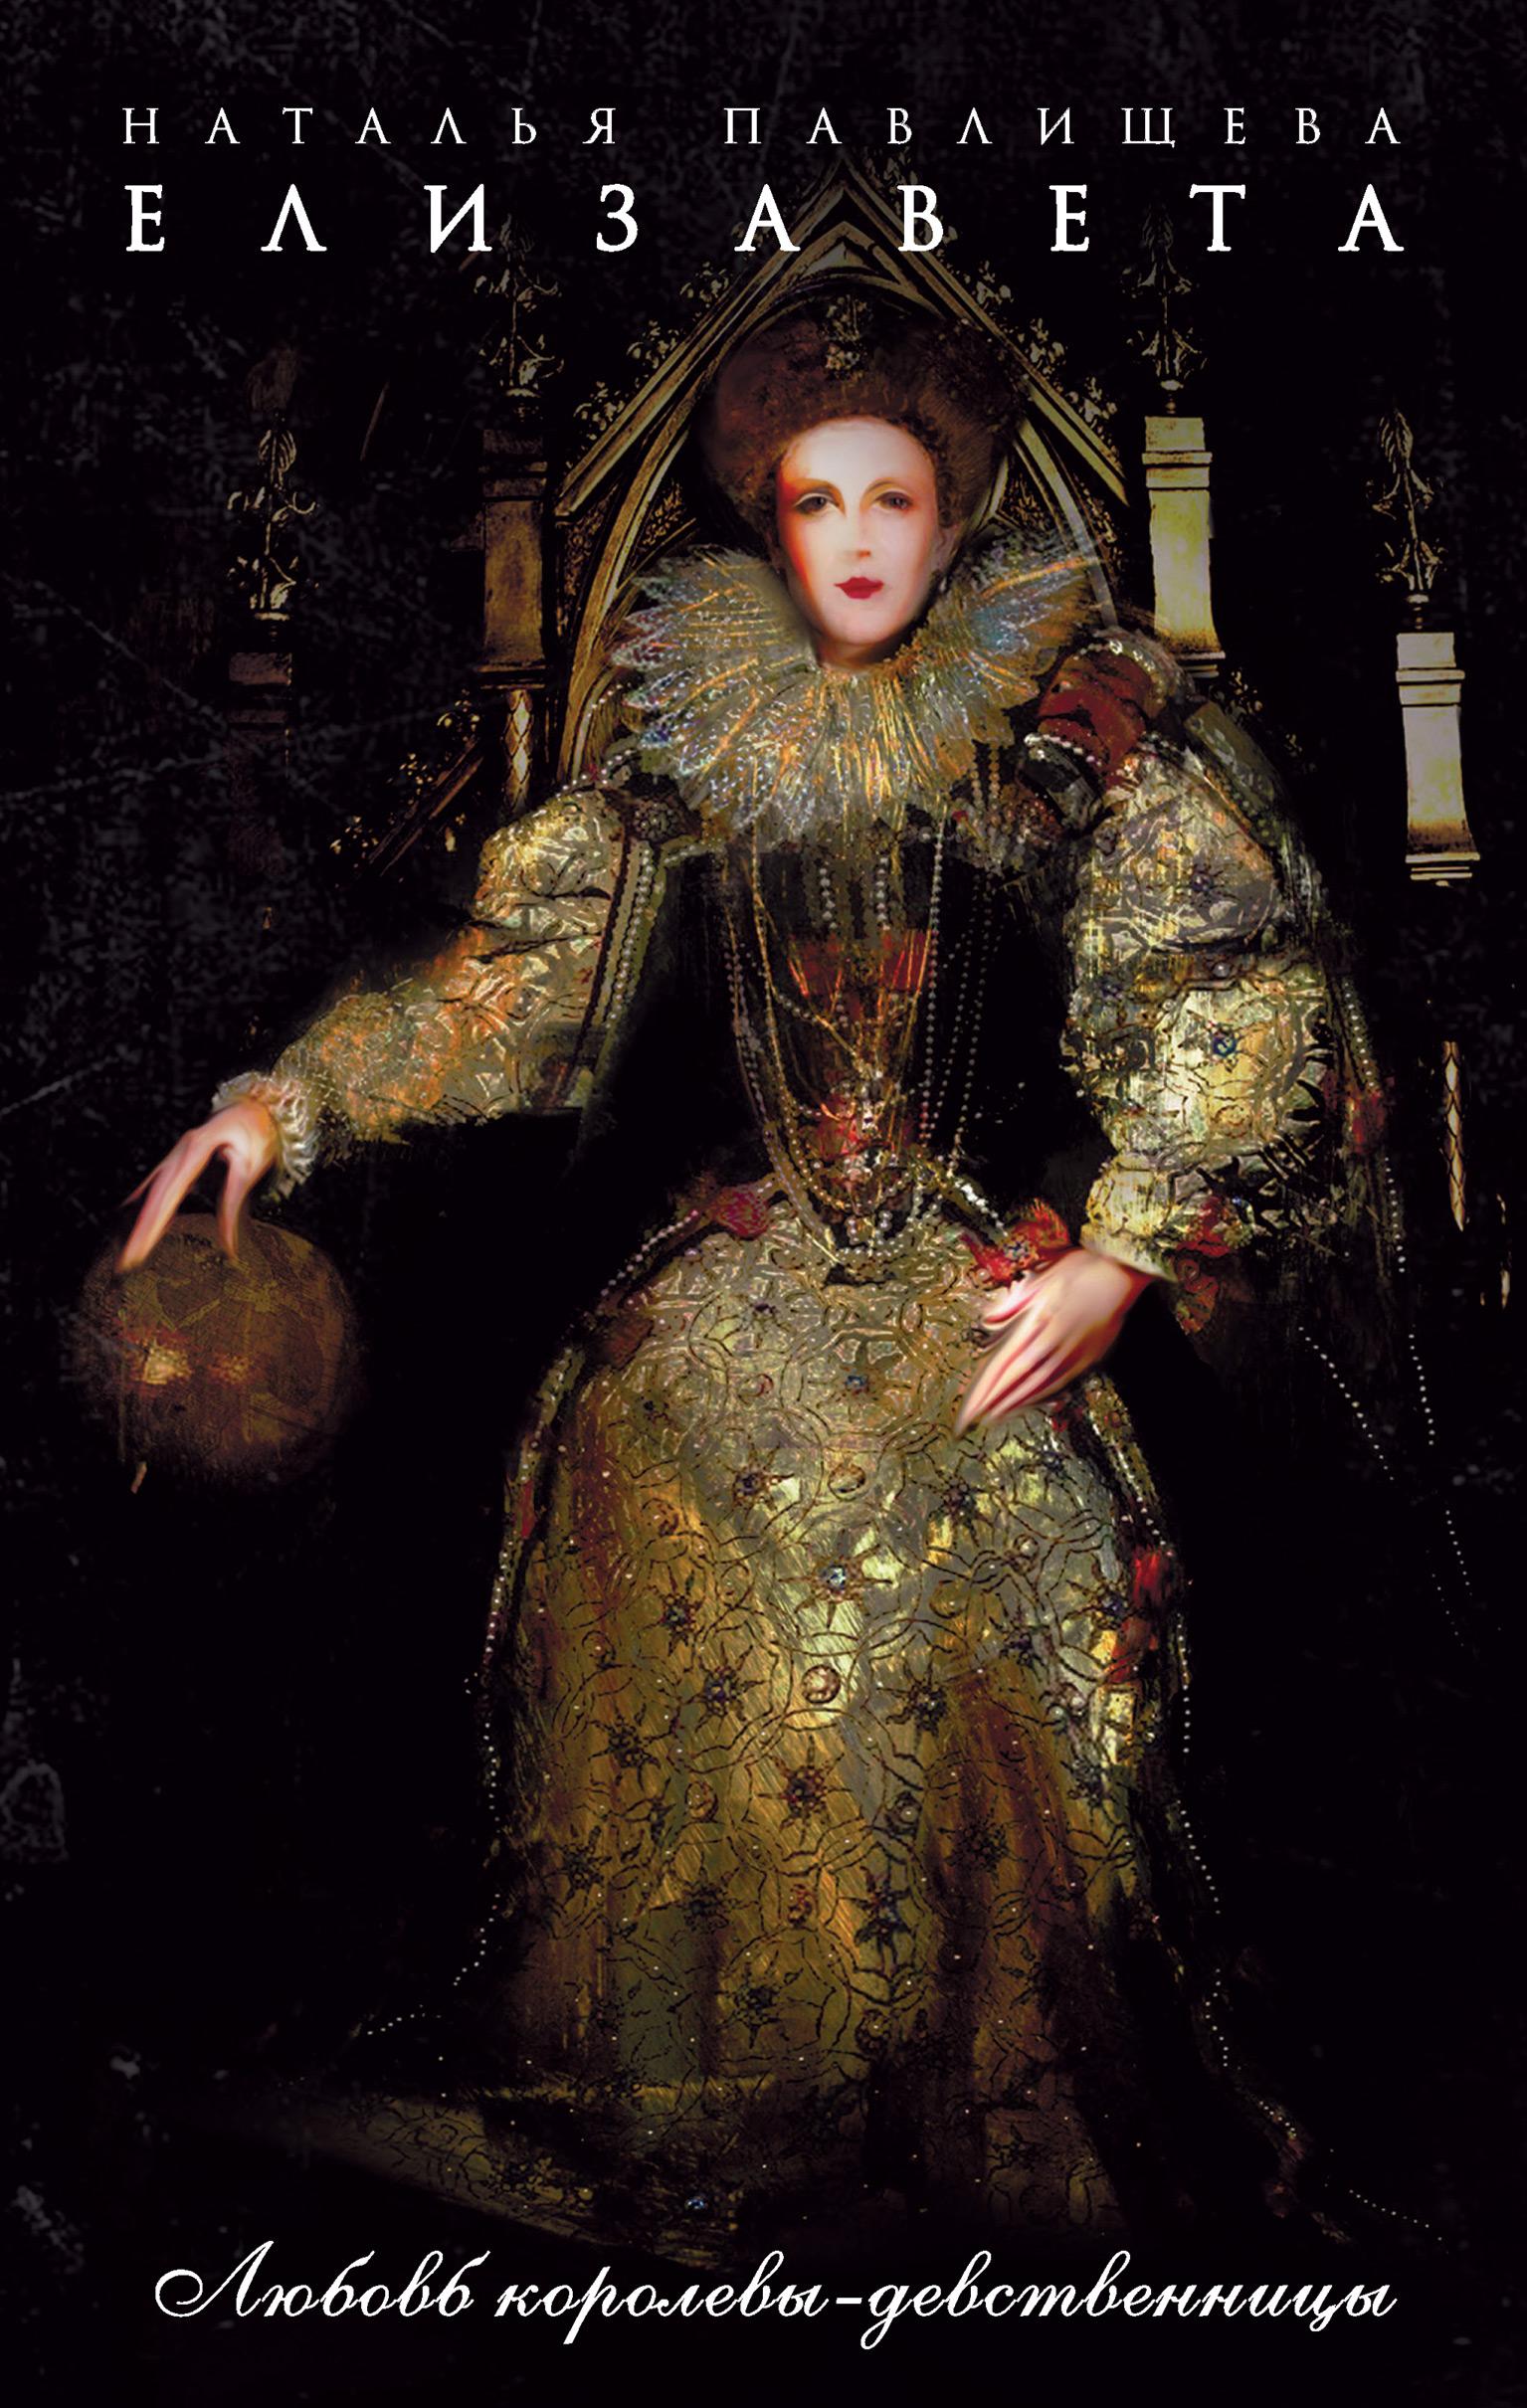 Я – Елизавета. Любовь Королевы-девственницы